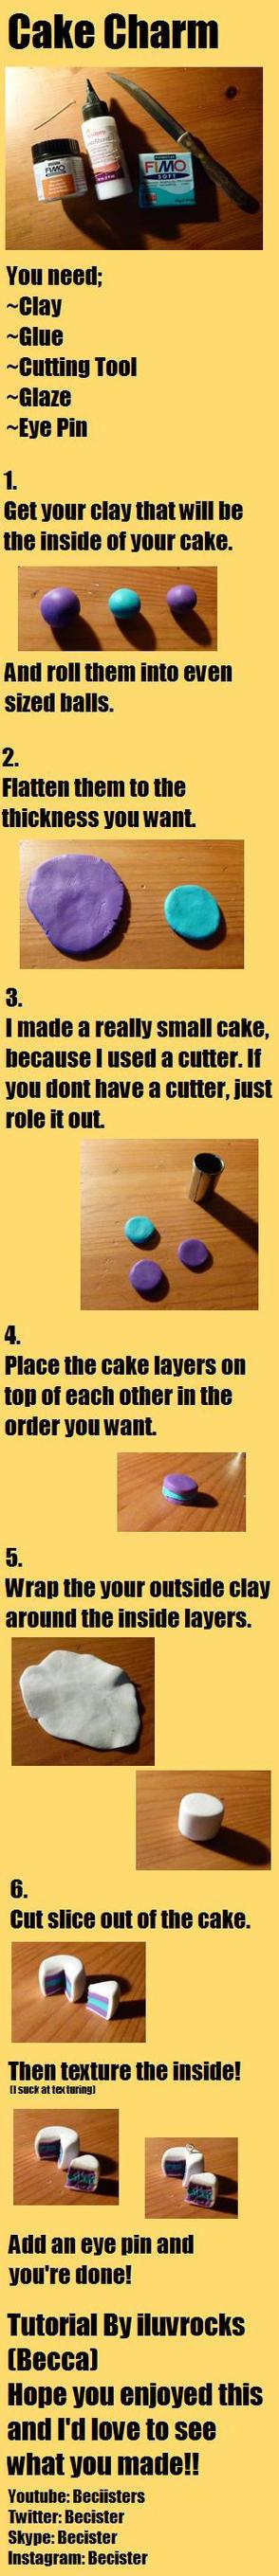 Cake Charm Tutorial by Iluvrocks